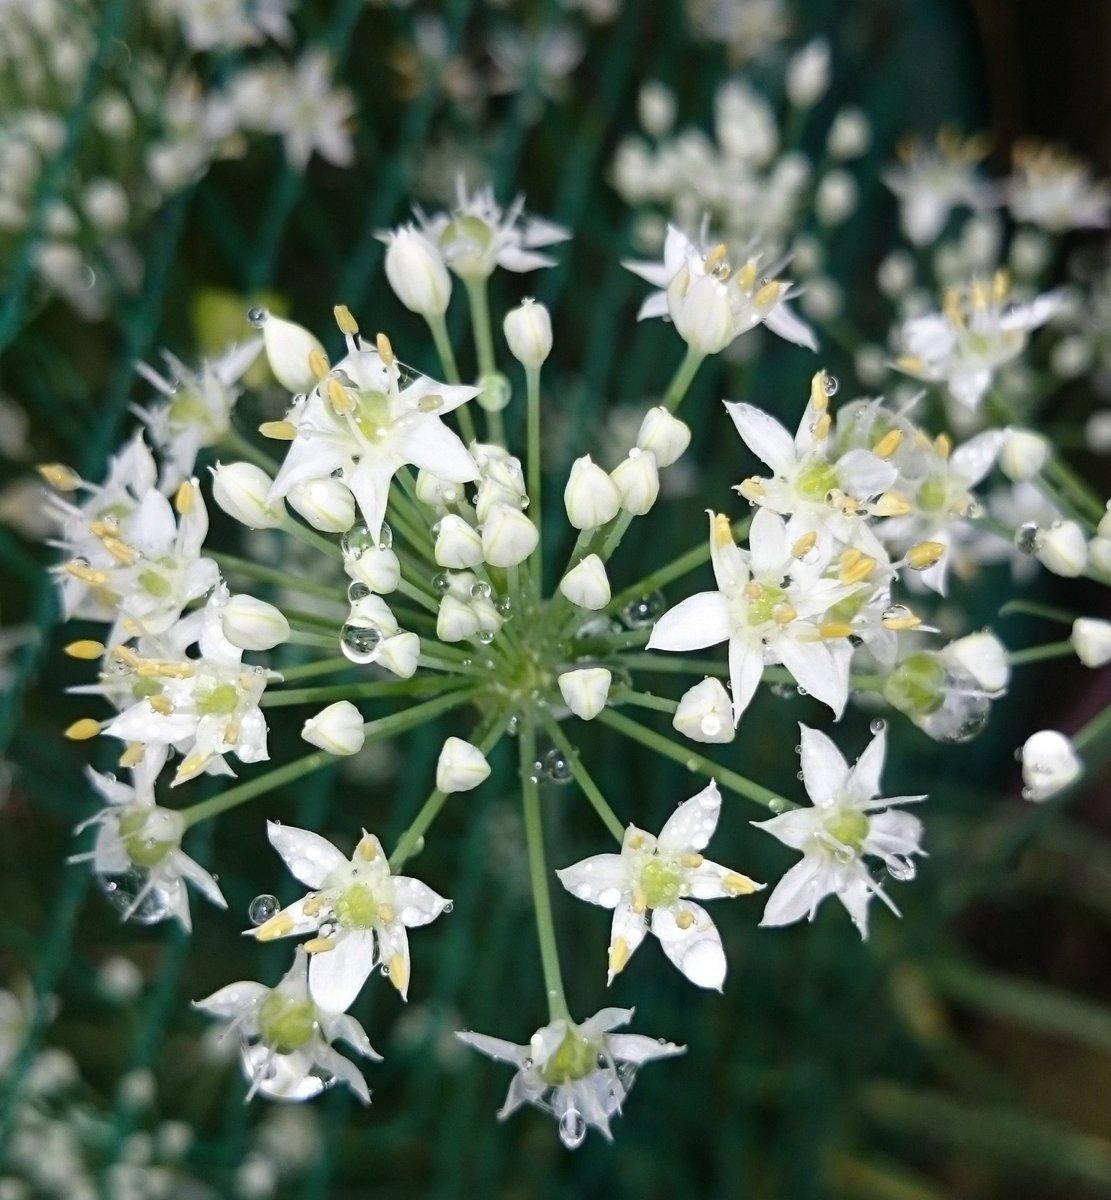 おはようございます  コロコロ、キラキラ雨の雫..✨✨✨ お花を優しく耀かせてくれるね。.:*☆ バッタにも雫✨(笑) 邪魔してごめんね